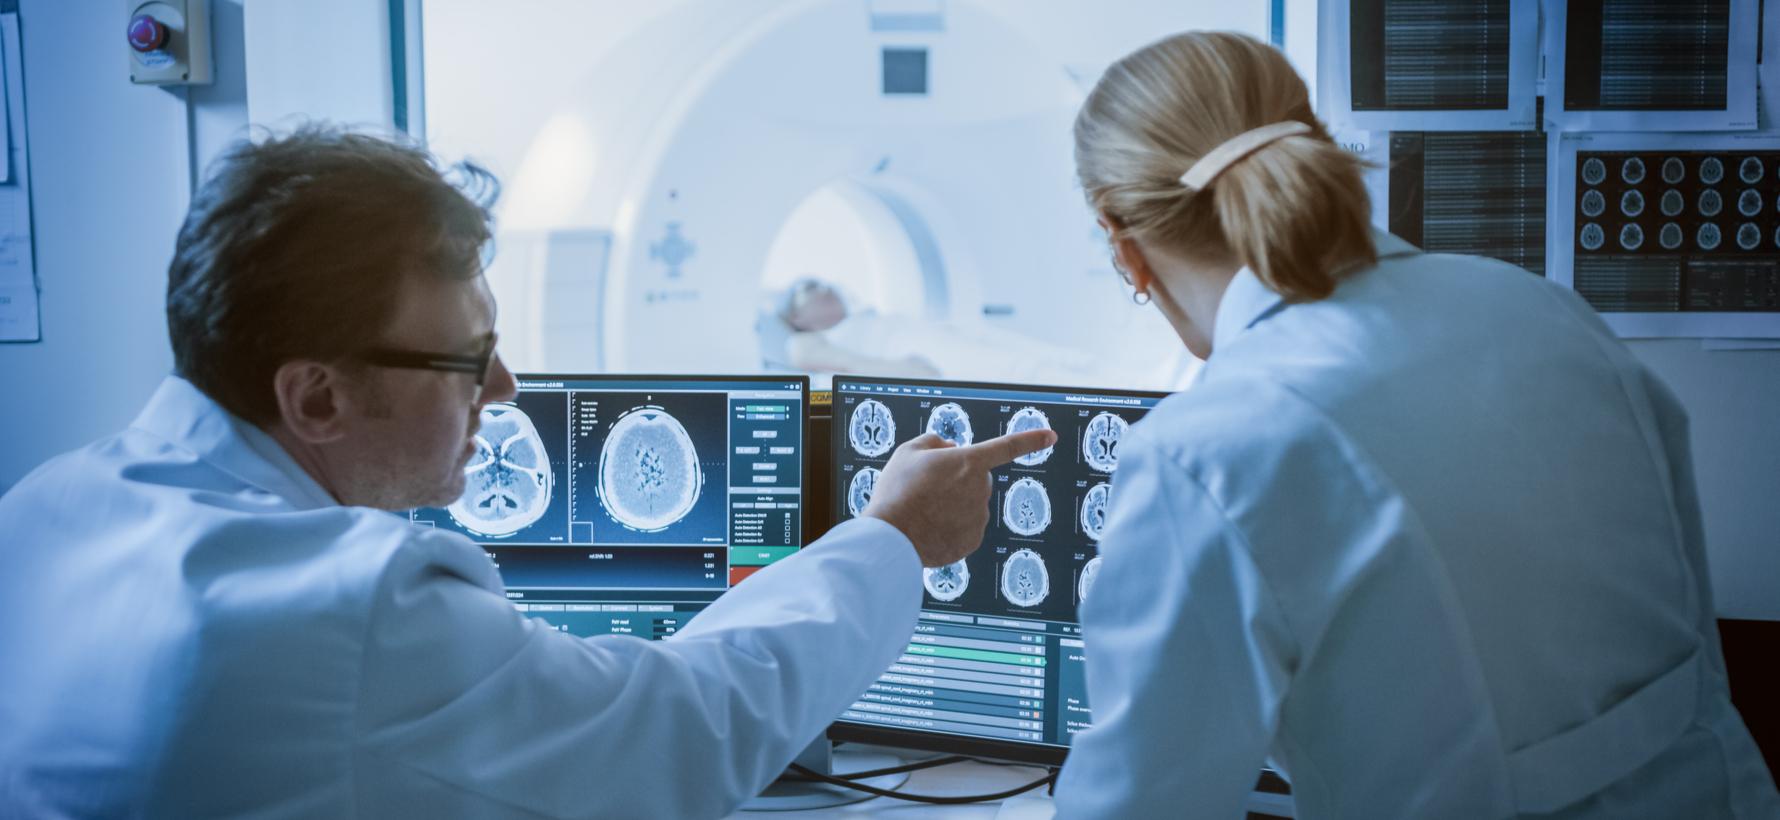 efectos-secundarios-de-la-radioterapia